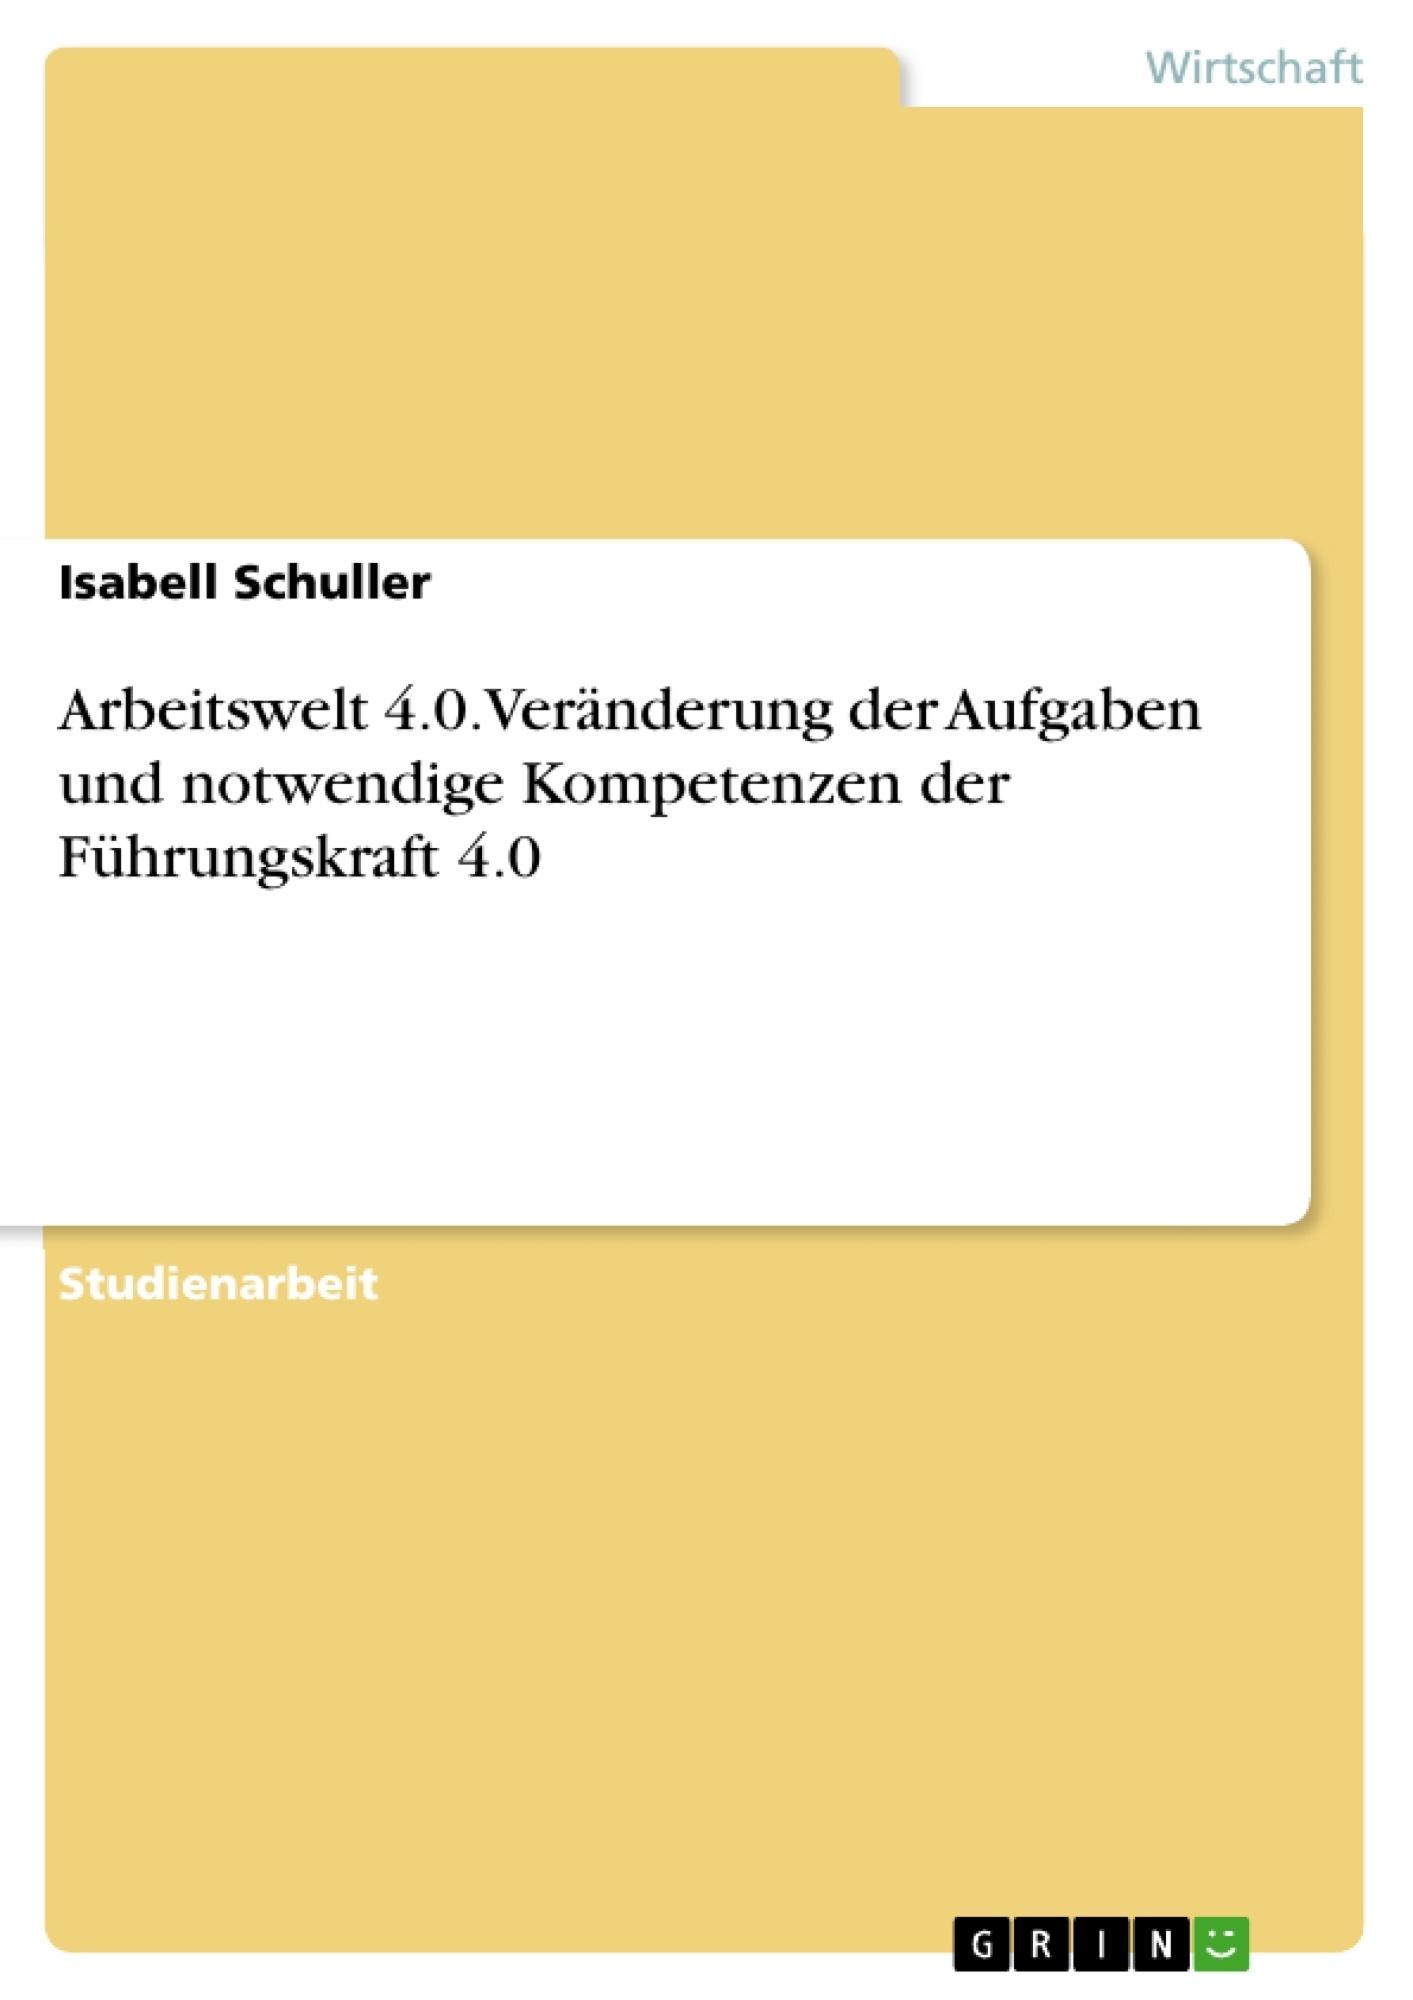 Titel: Arbeitswelt 4.0. Veränderung der Aufgaben und notwendige Kompetenzen der Führungskraft 4.0